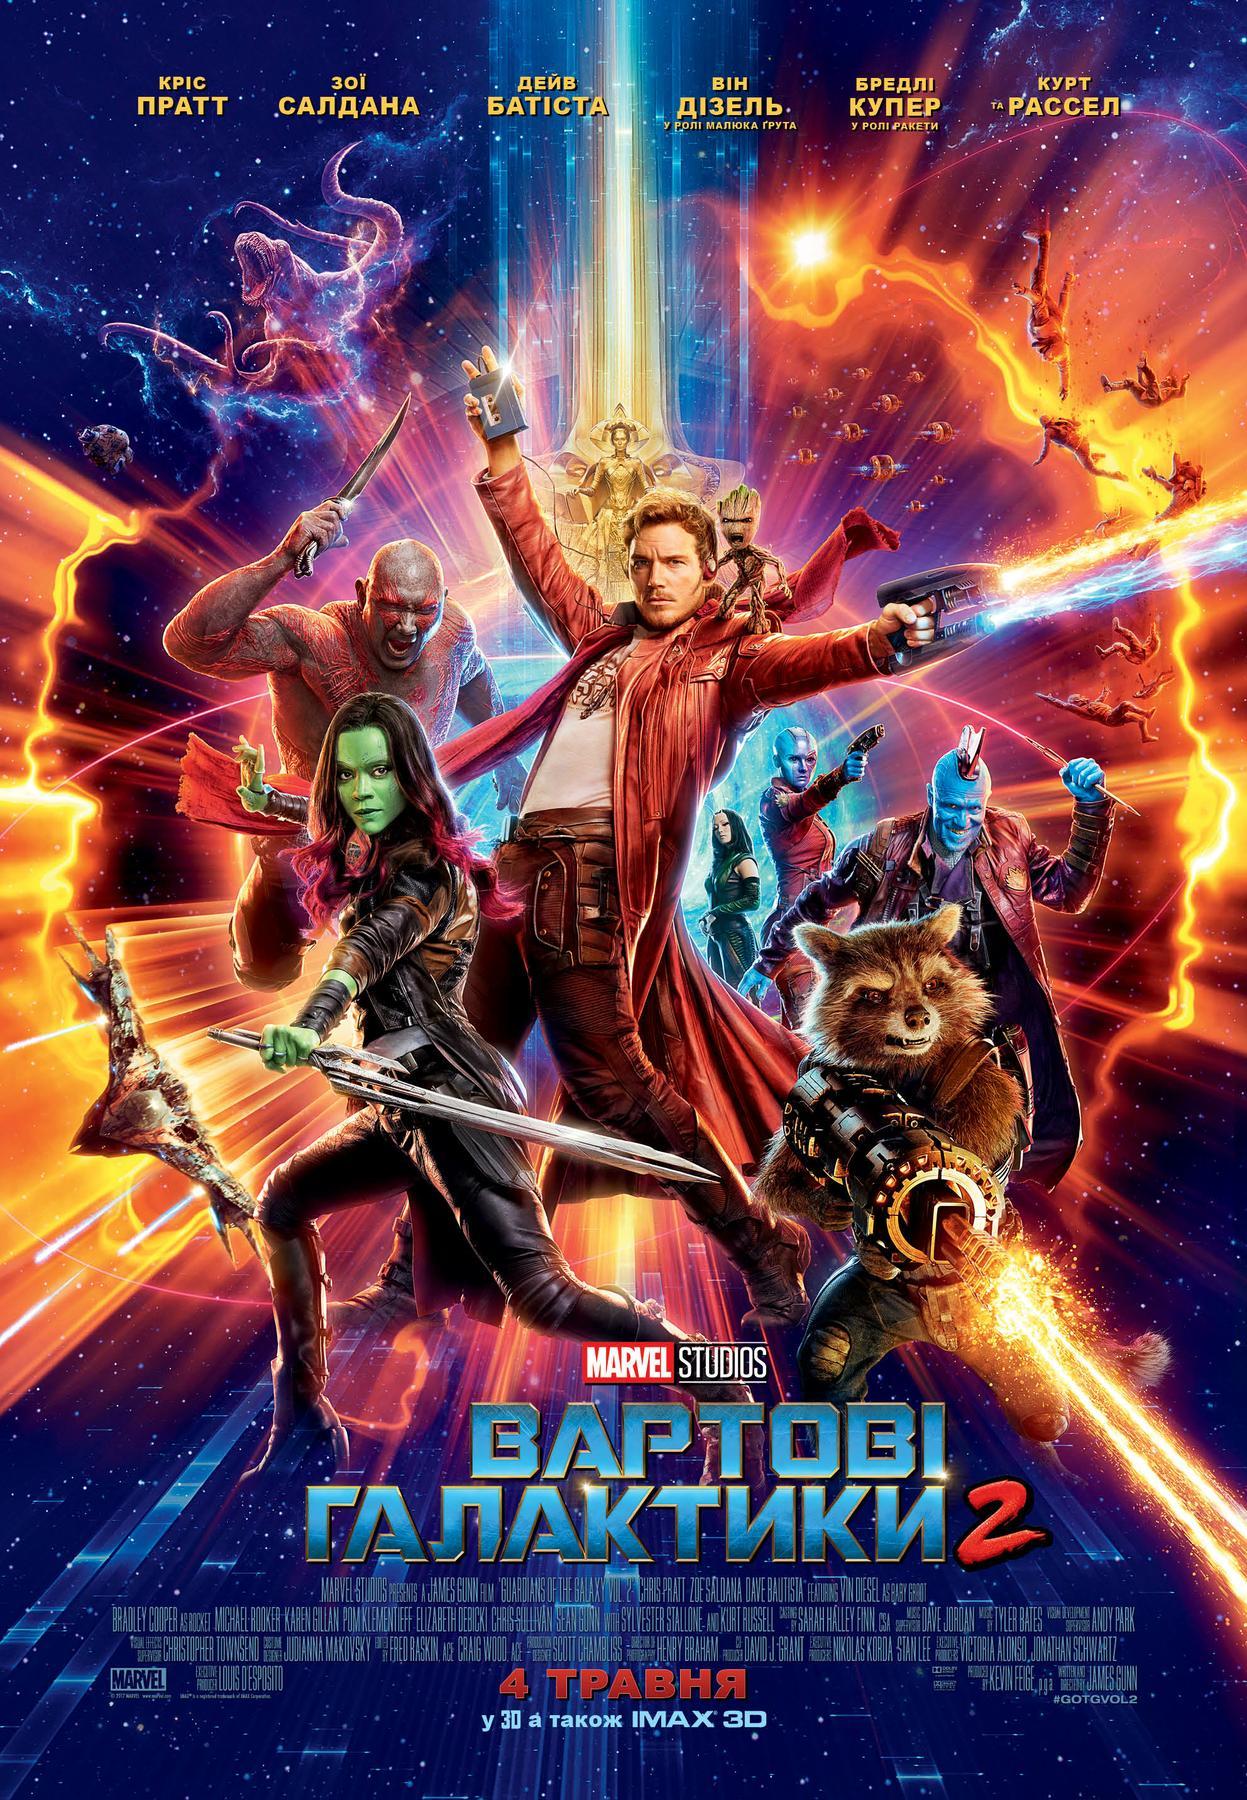 Изображение для Вартові Галактики 2 / Guardians of the Galaxy Vol. 2 (2017) BDRip-AVC [Ukr/Eng] [IMAX Edition] (кликните для просмотра полного изображения)